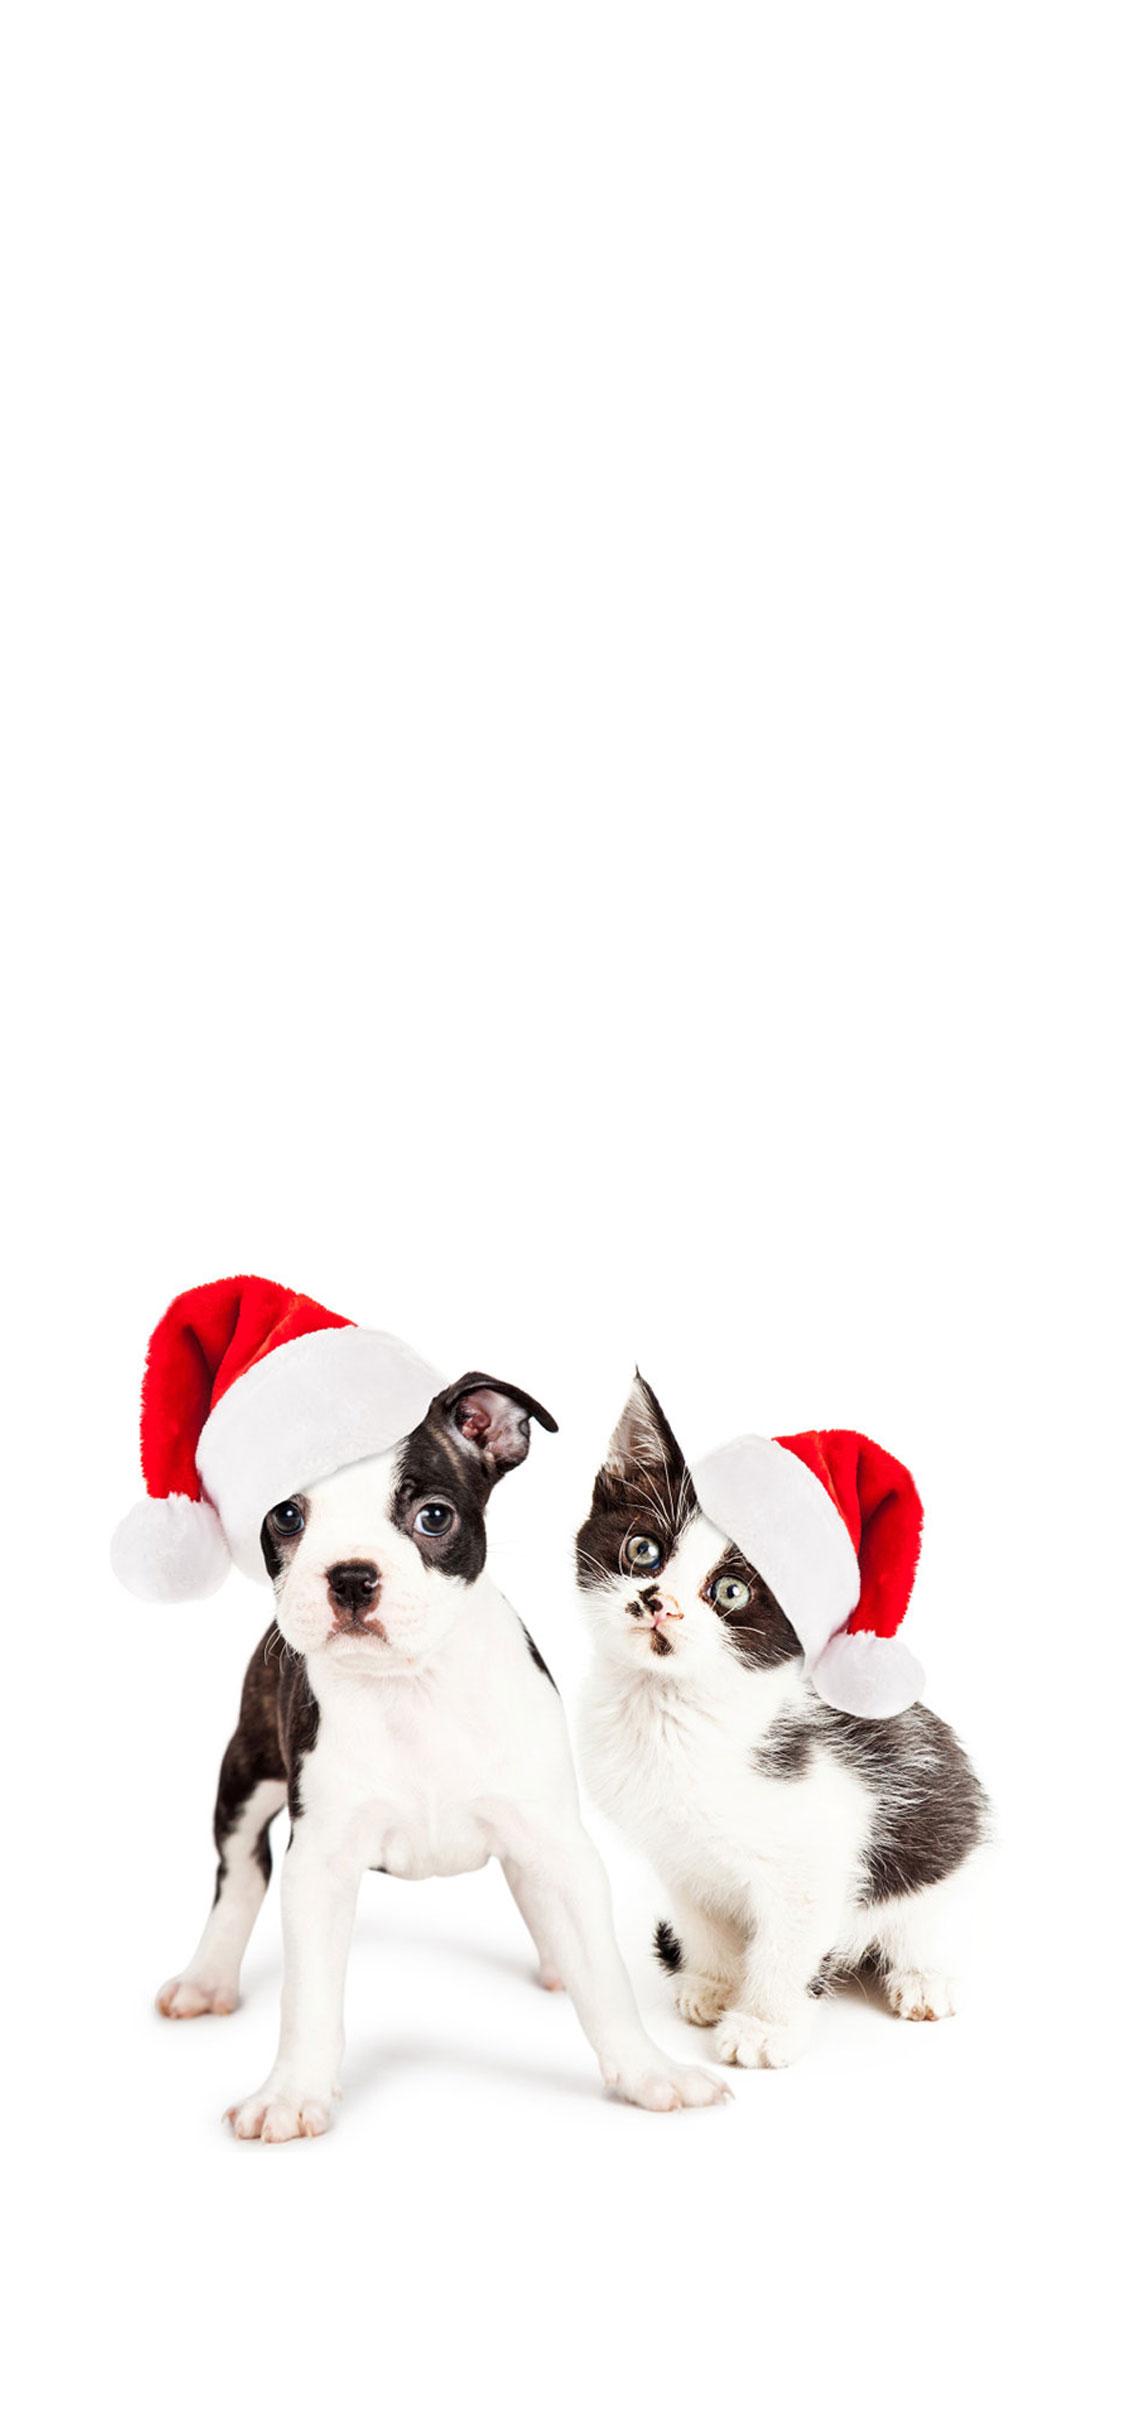 Gatto cane bianco